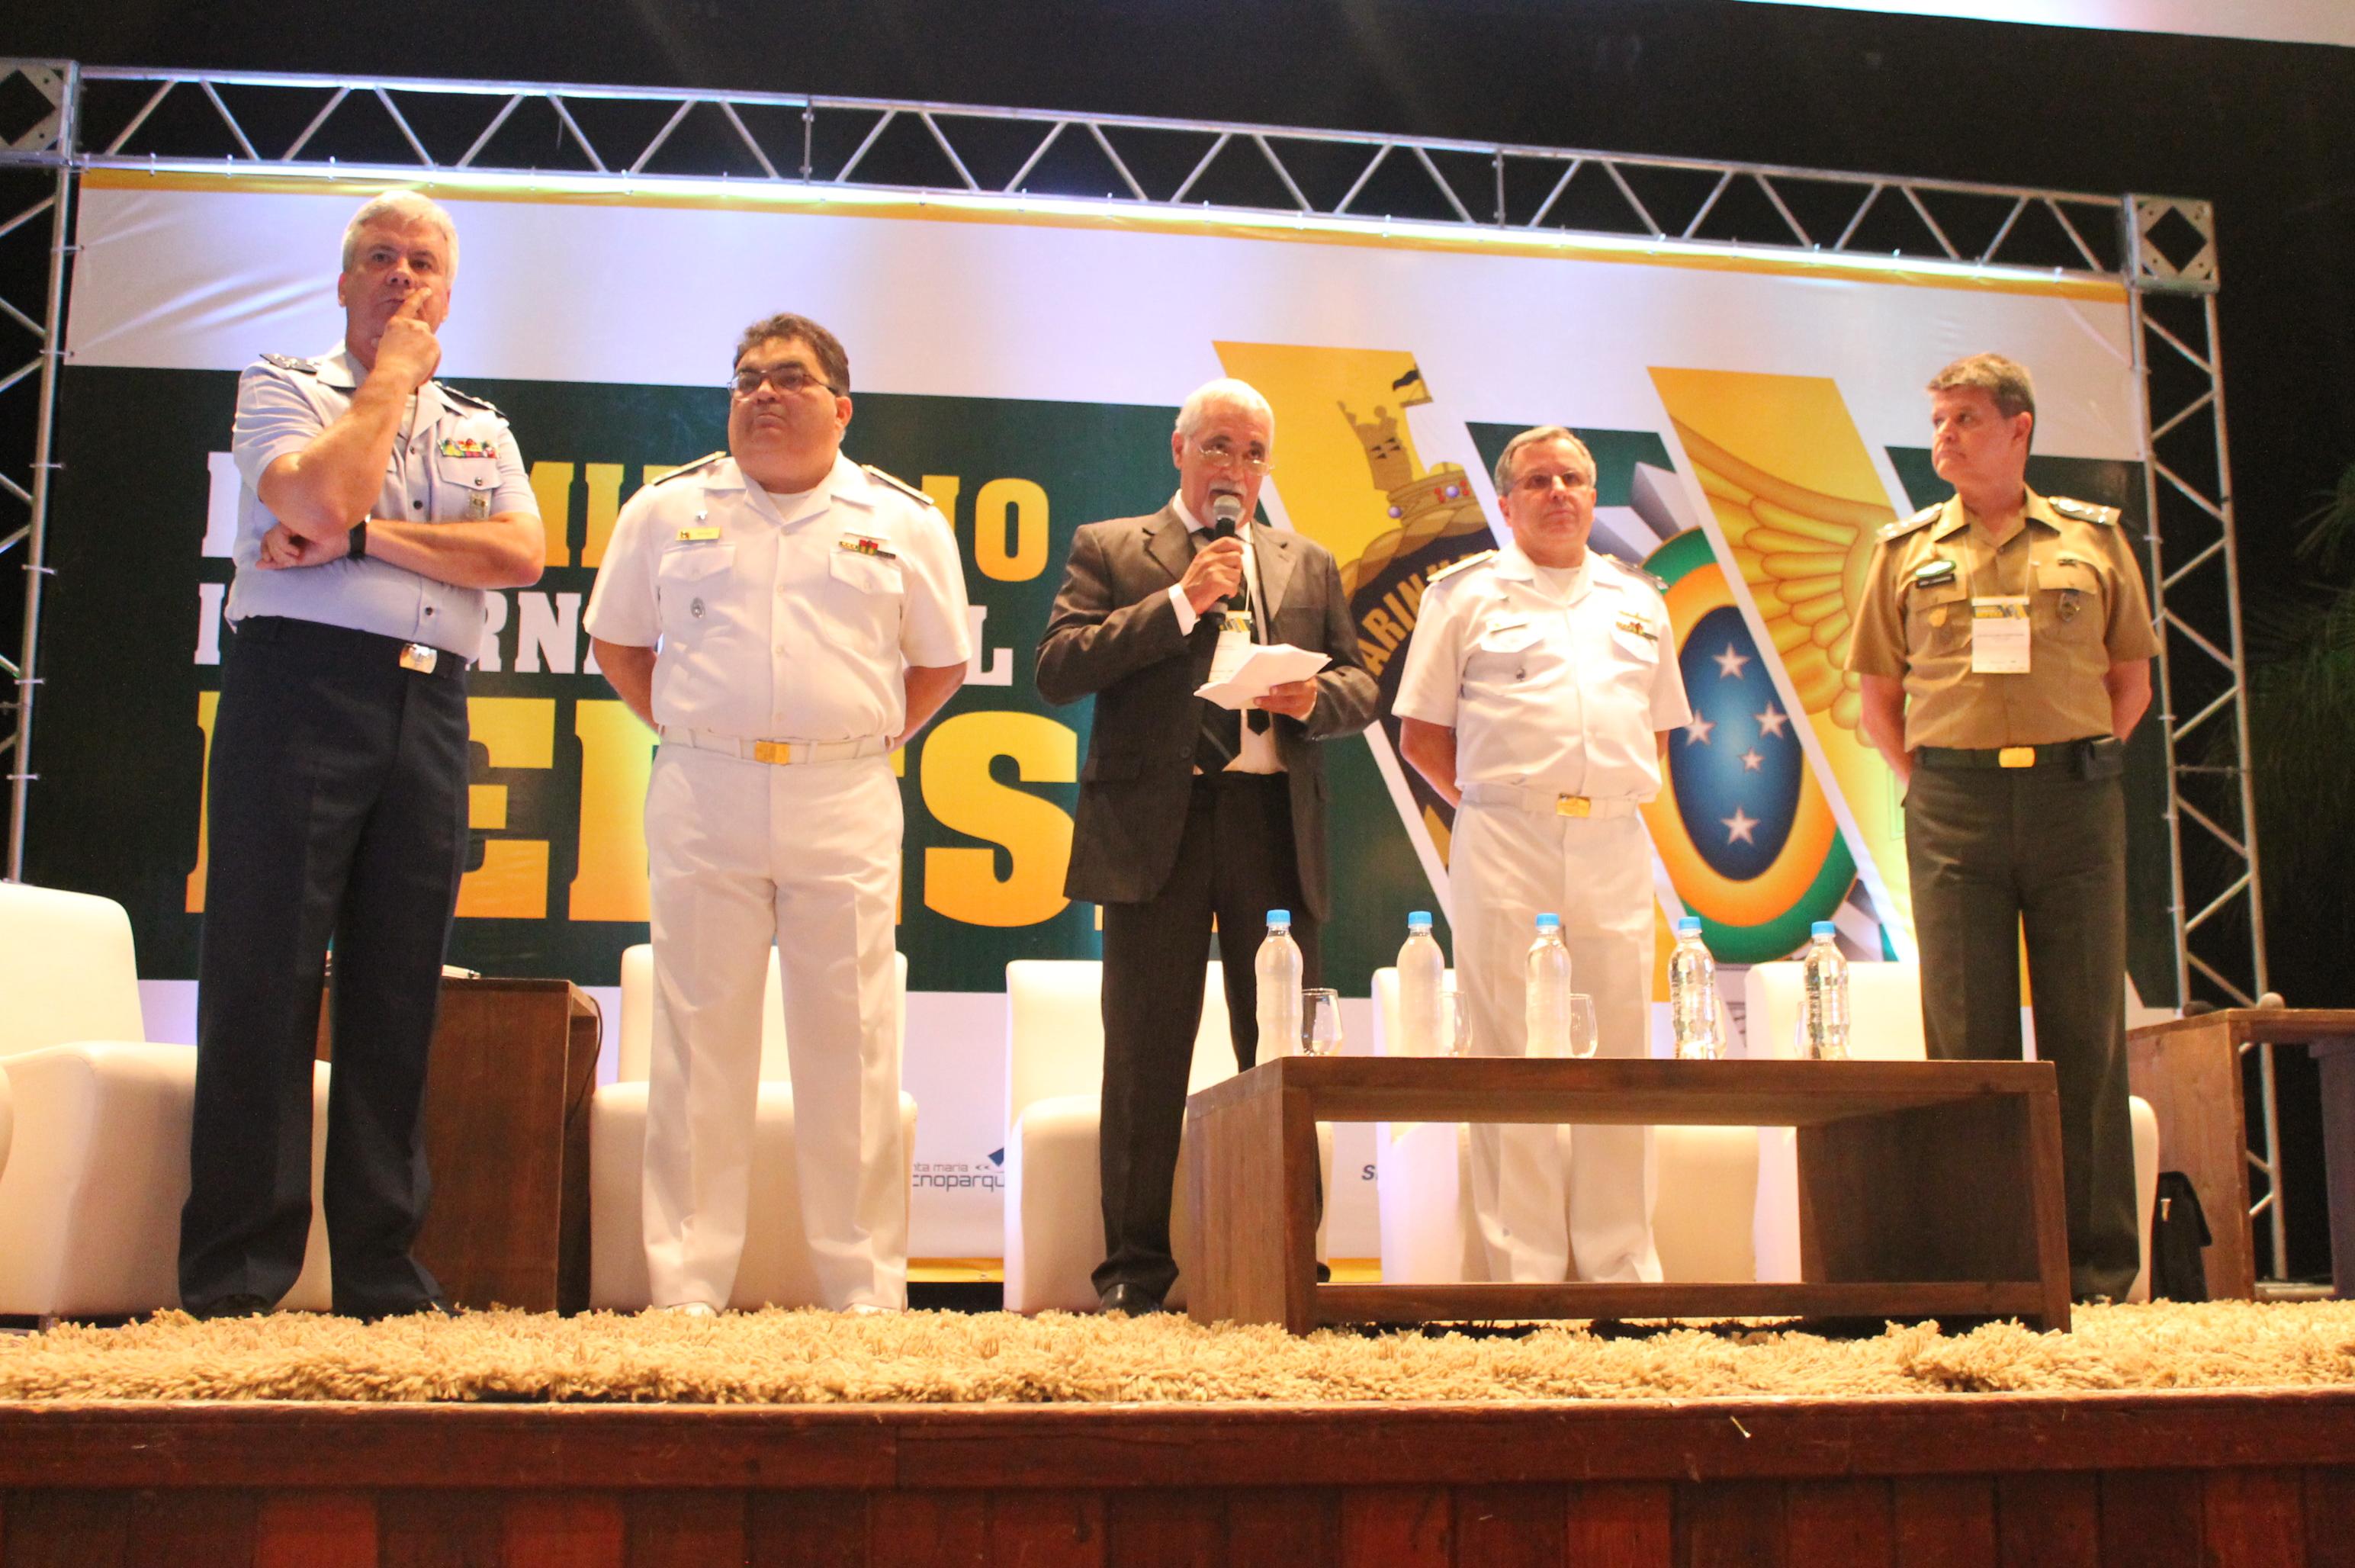 O editor da revista Tecnologia & Defesa, Francisco Ferro, mediou o painel sobre Programas Estratégicos das Forças Armadas.